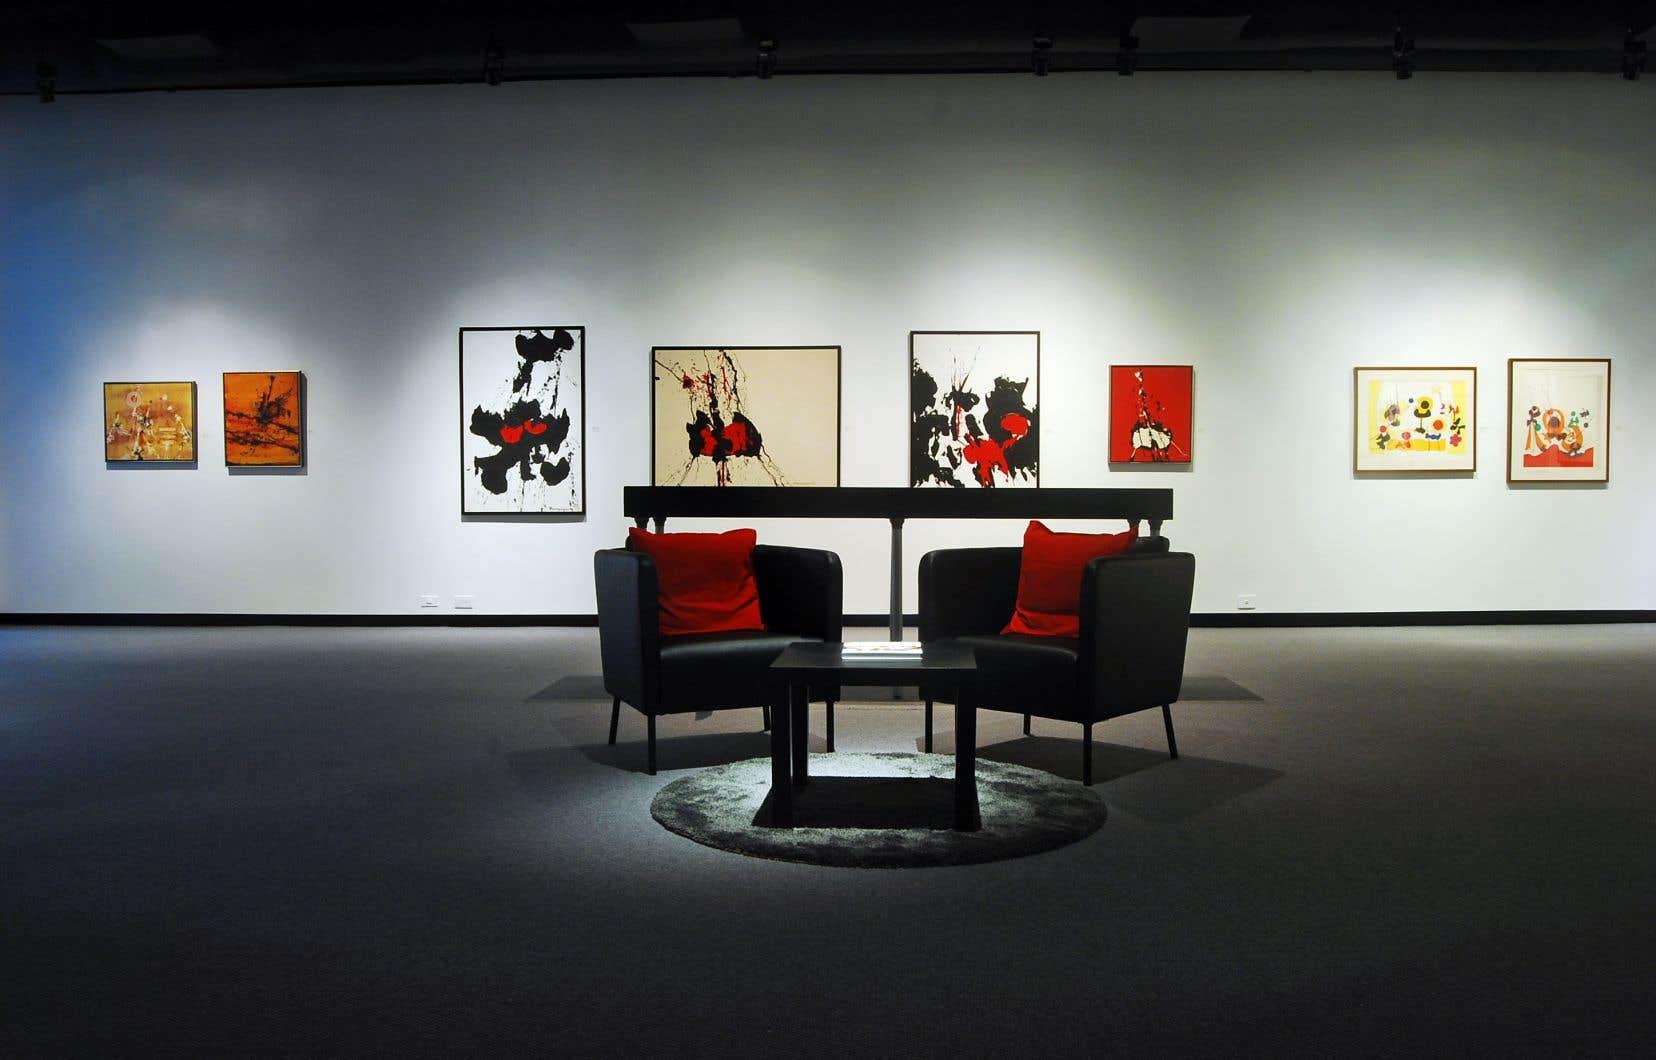 Vue de l'exposition Rétrospective Michel Bourguignon, affichée jusqu'au 13 mars au Musée des beaux-arts de Mont Saint-Hilaire.